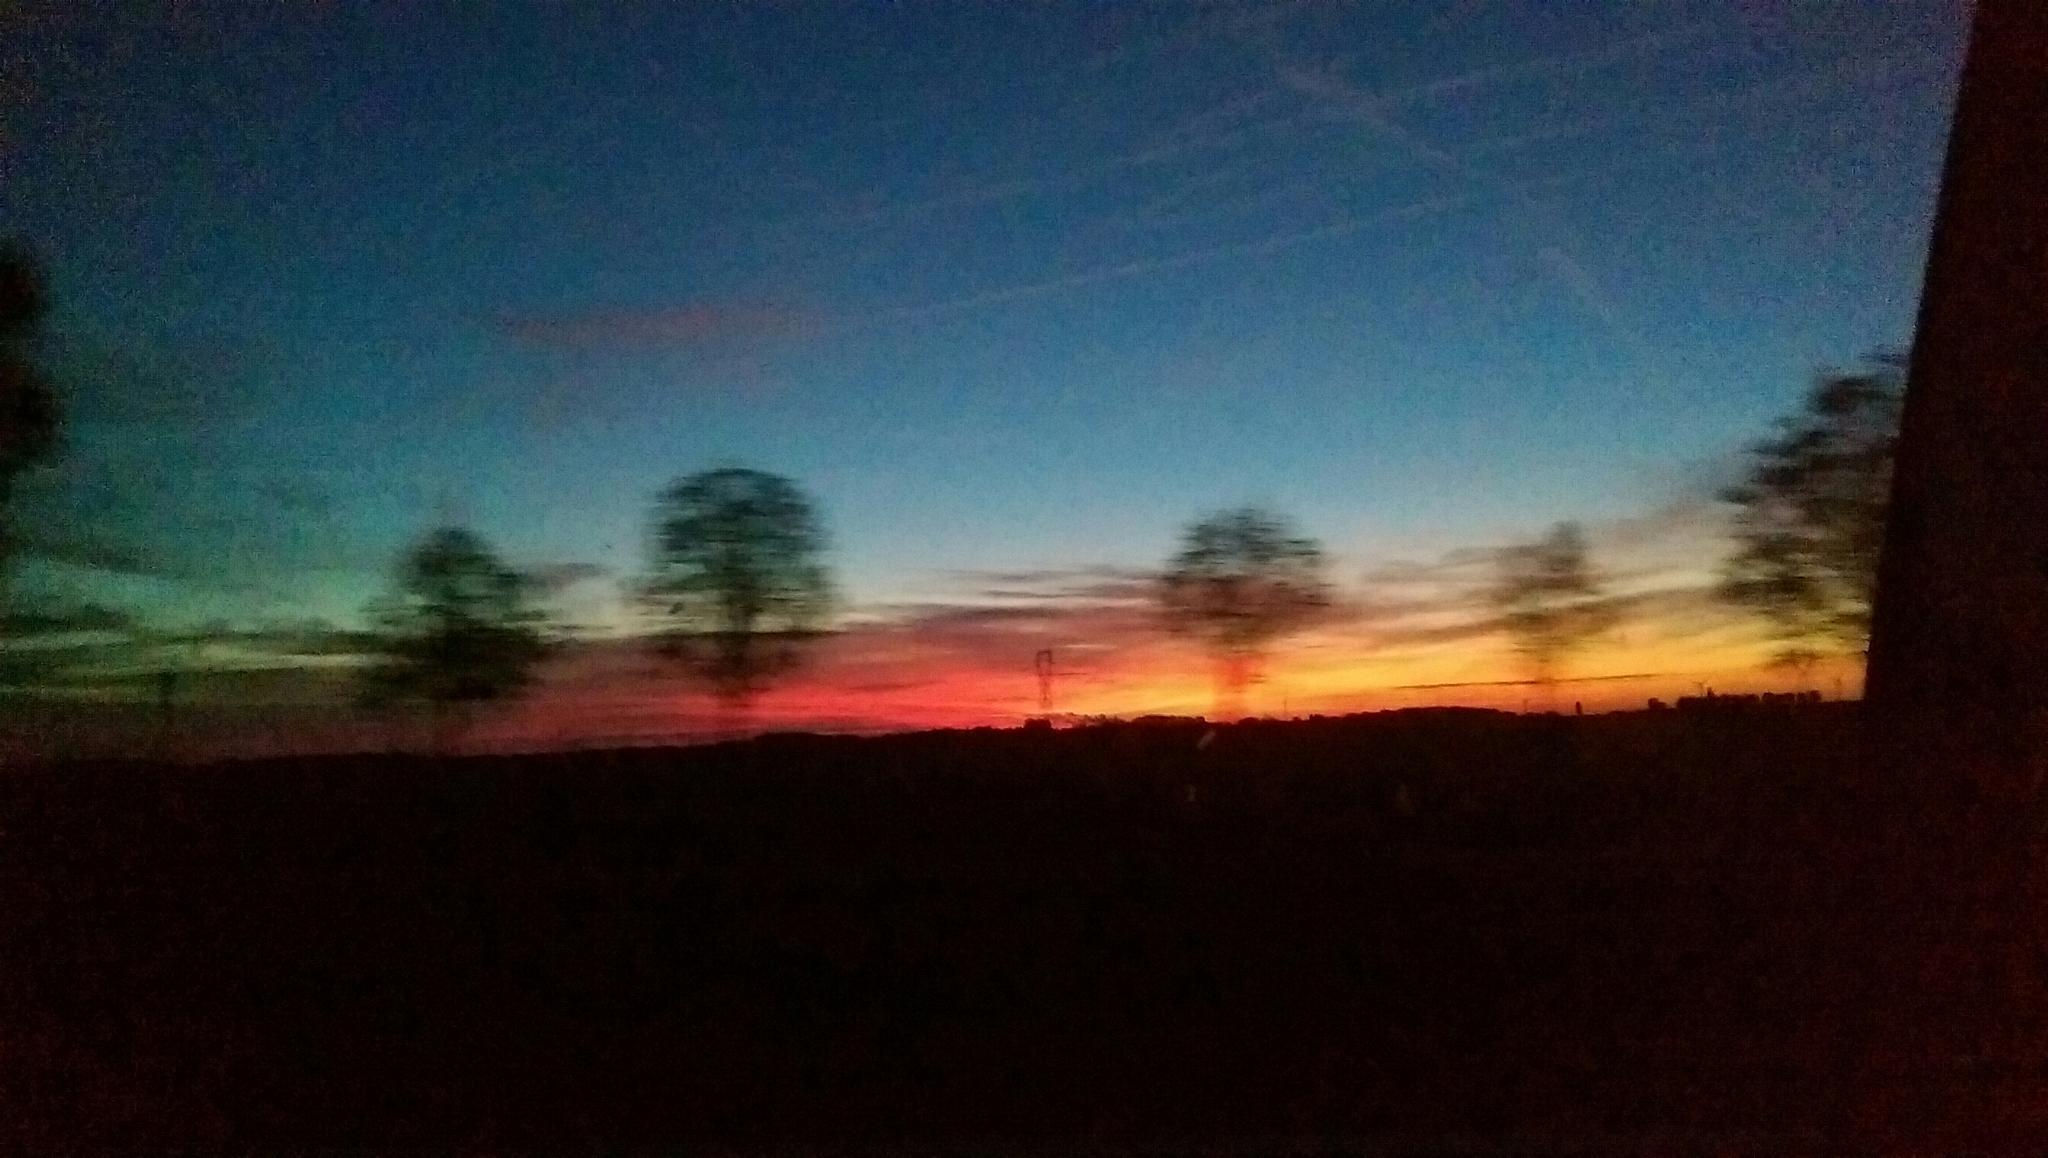 fading sky by Kady H.